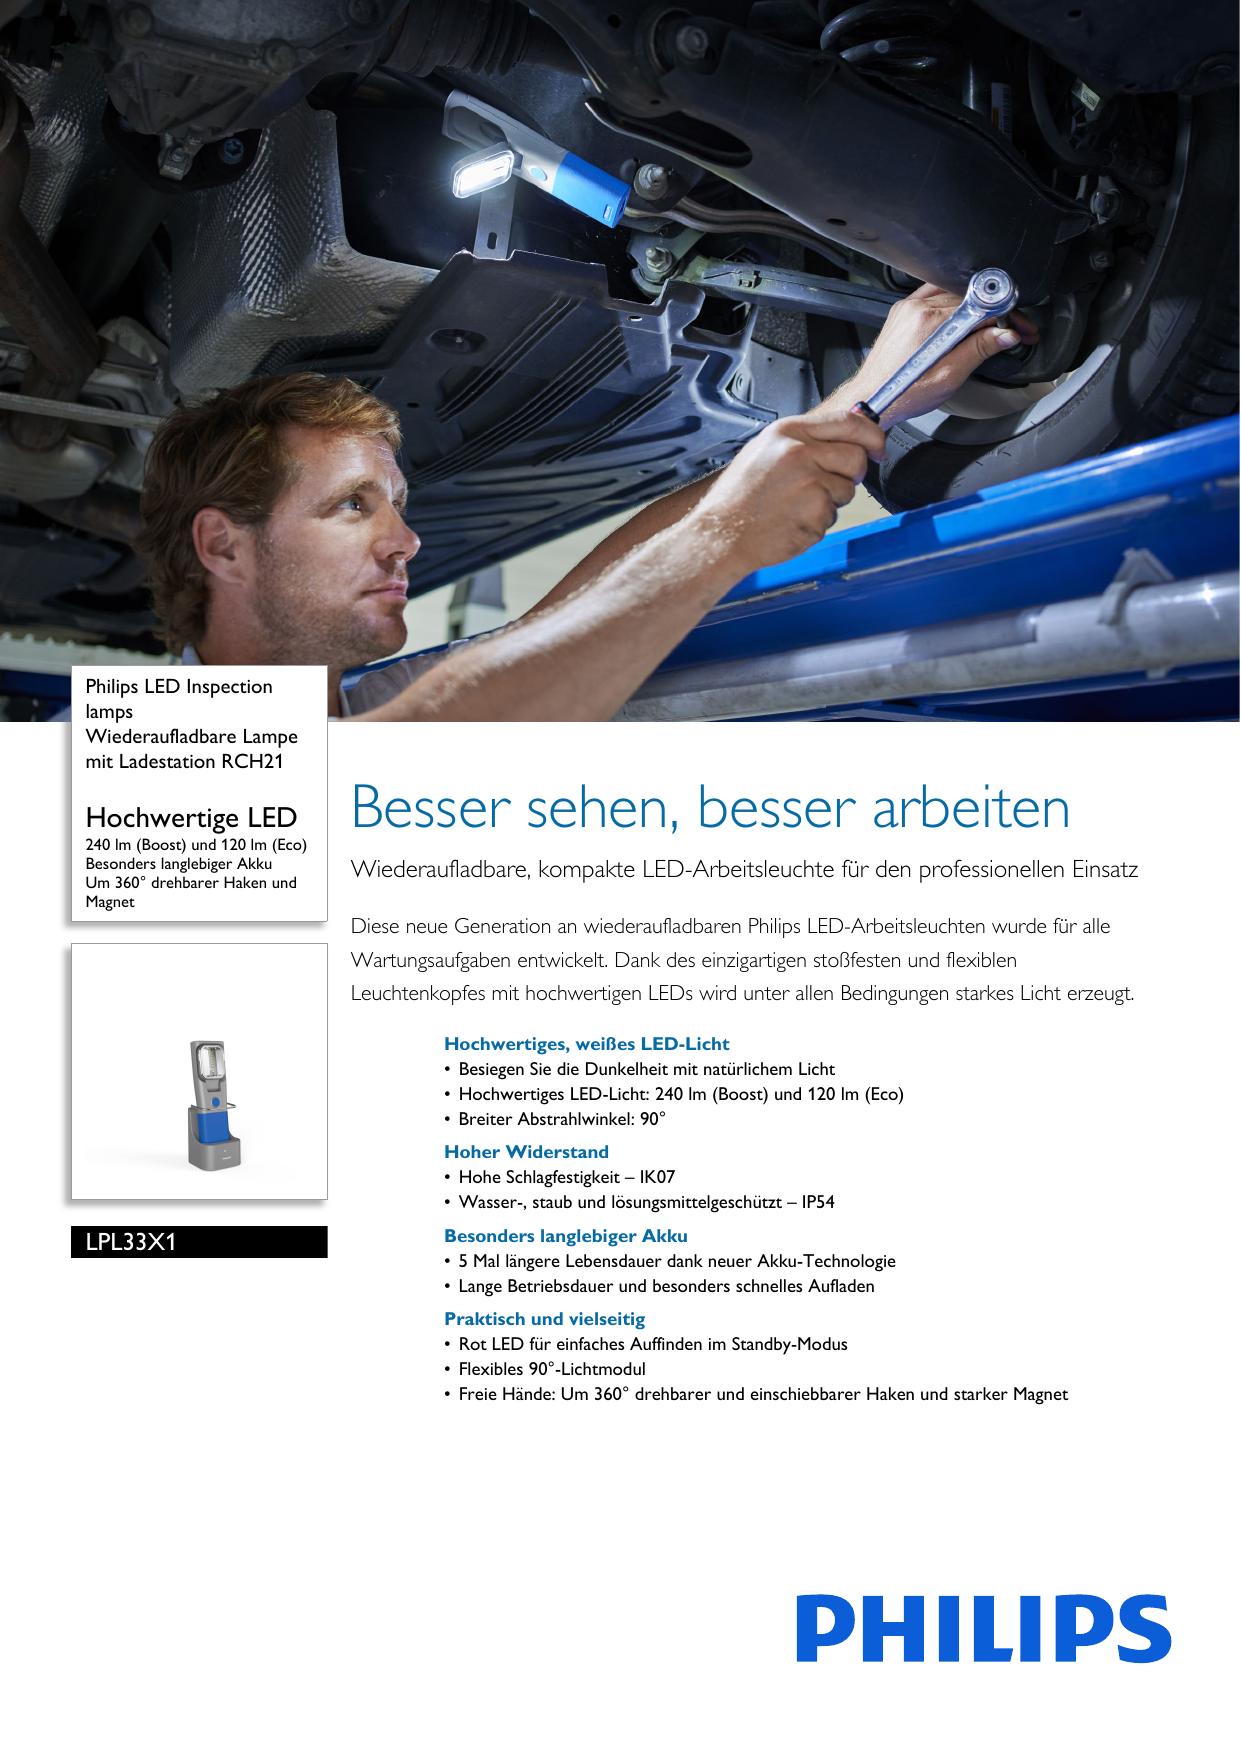 Philips LPL33X1 LED-Arbeitsleuchte RCH21 mit Ladestation